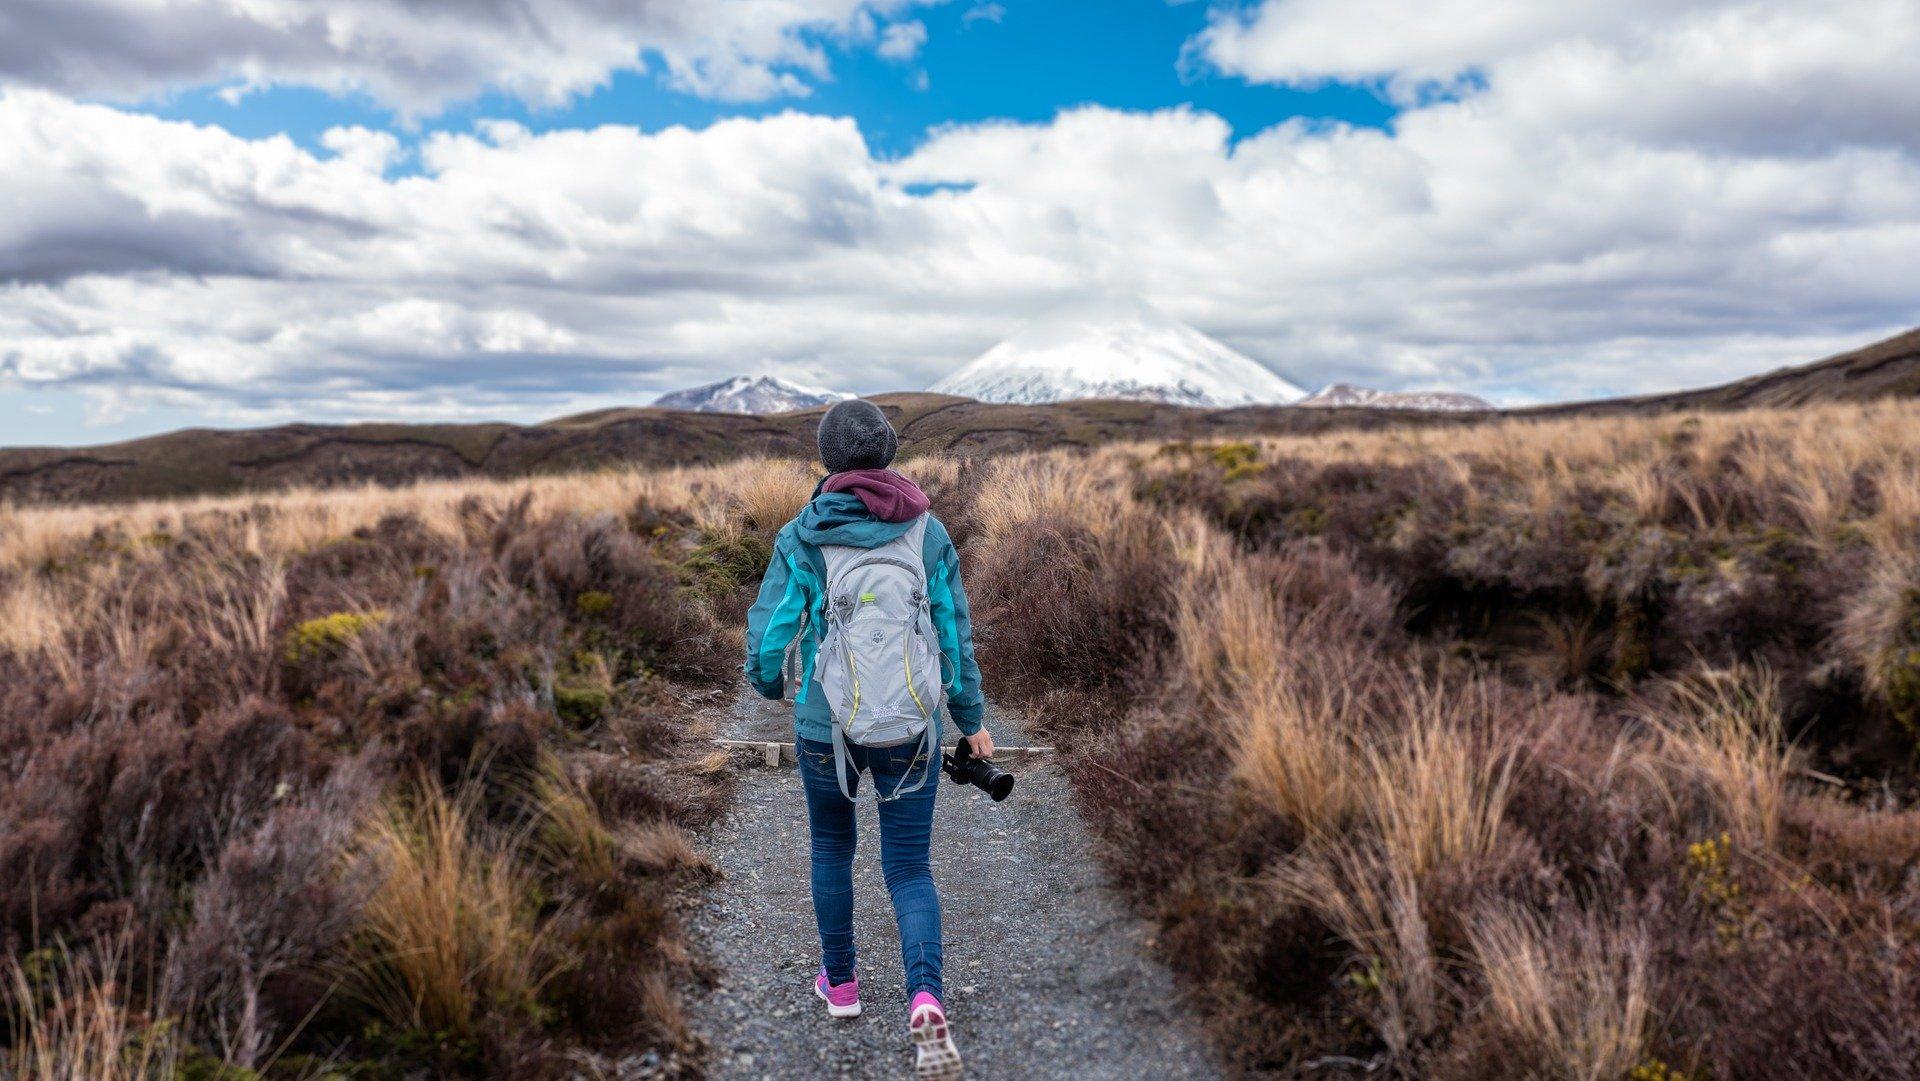 Caminhar na natureza – 8 razões para dar passeios ao ar livre